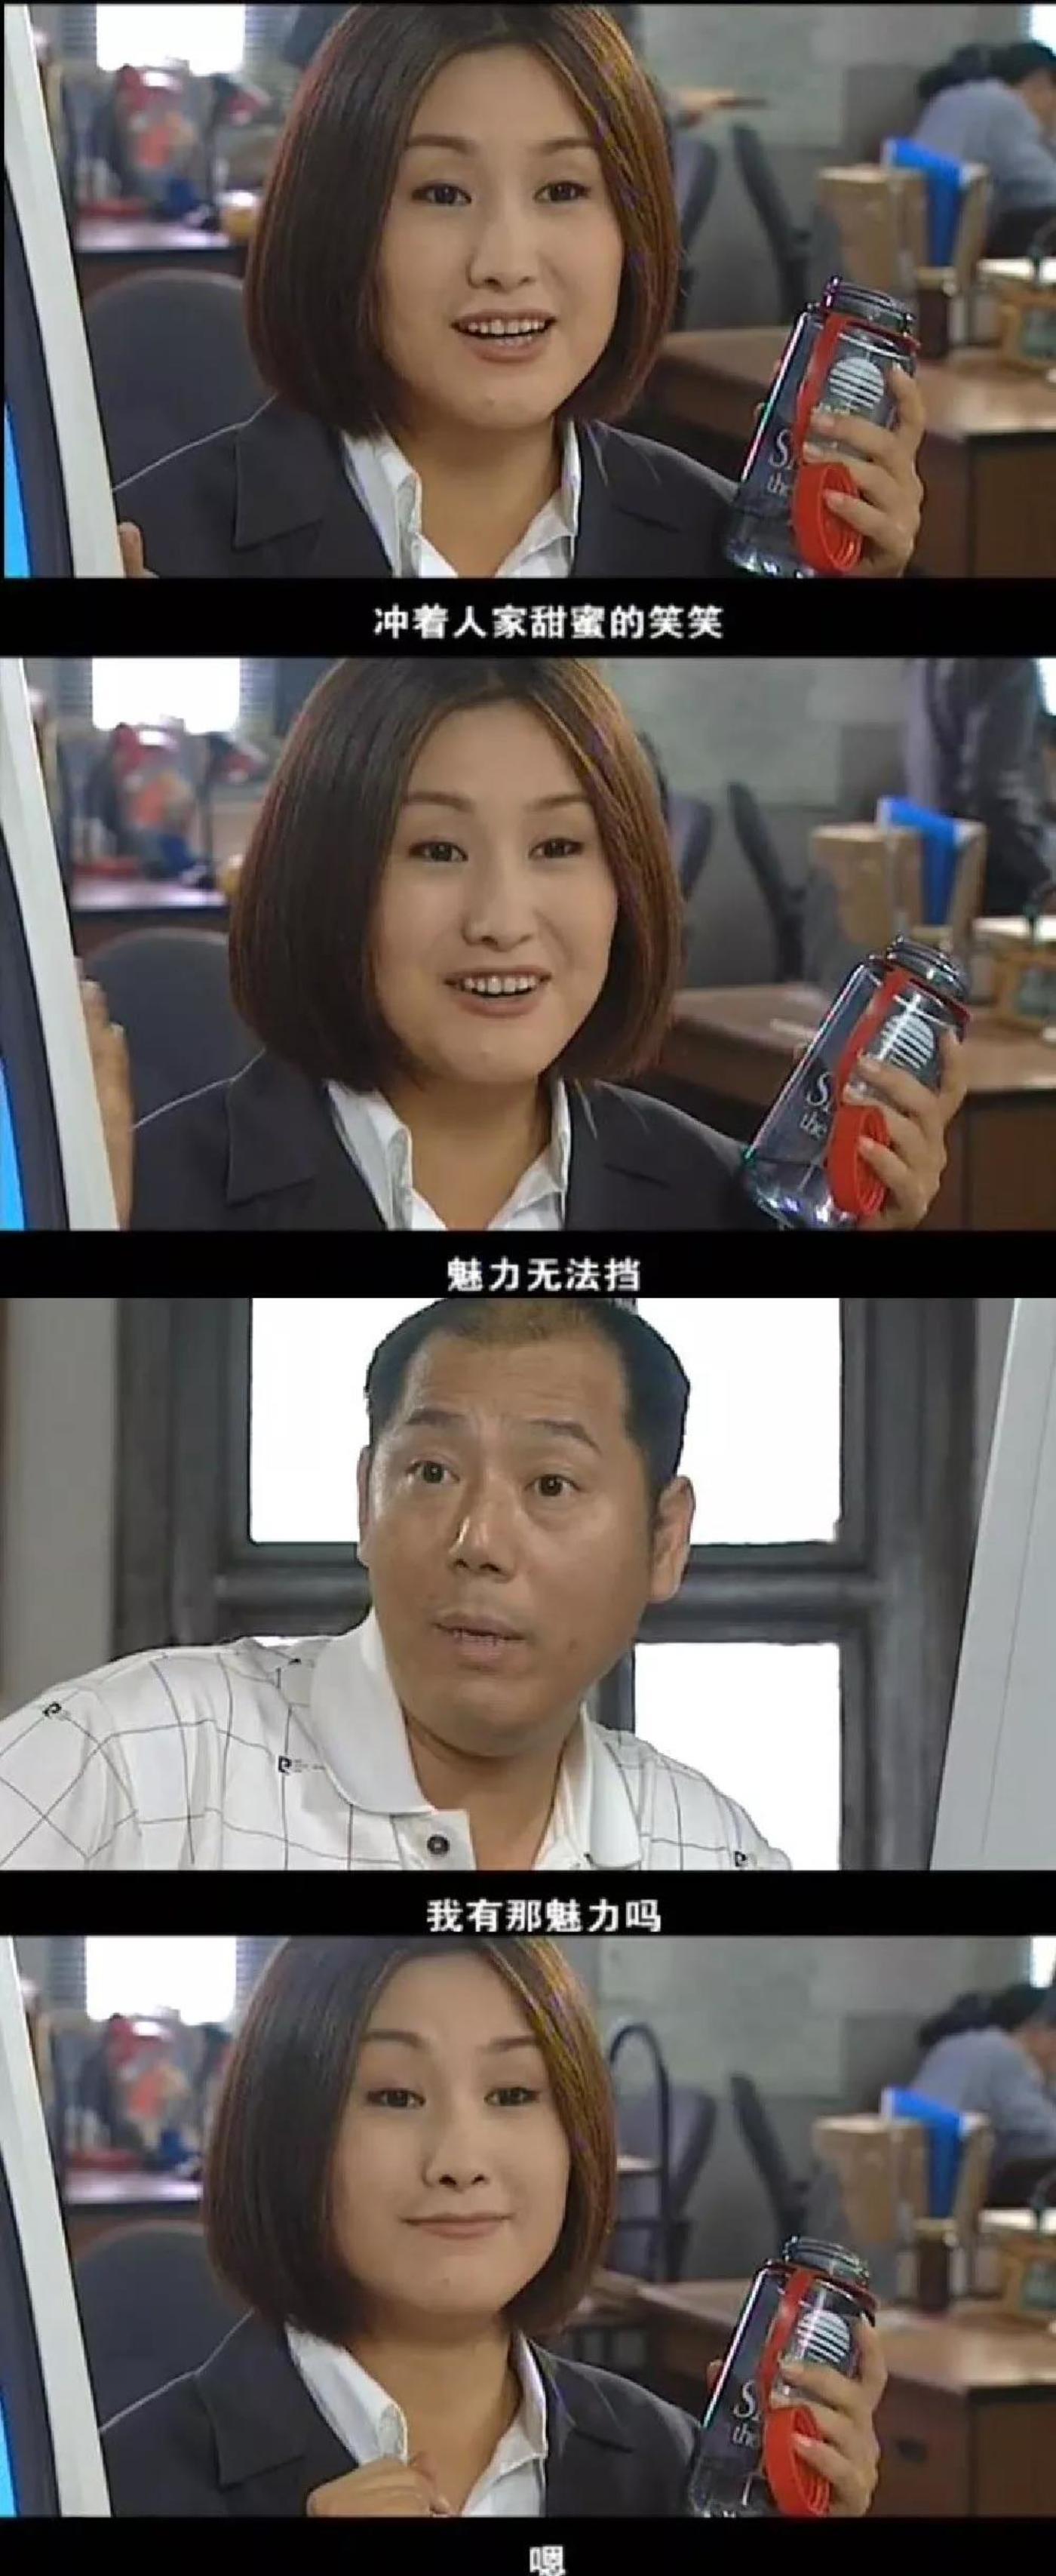 演员王茜饰演的英勇无畏的女警形象令人印象深刻